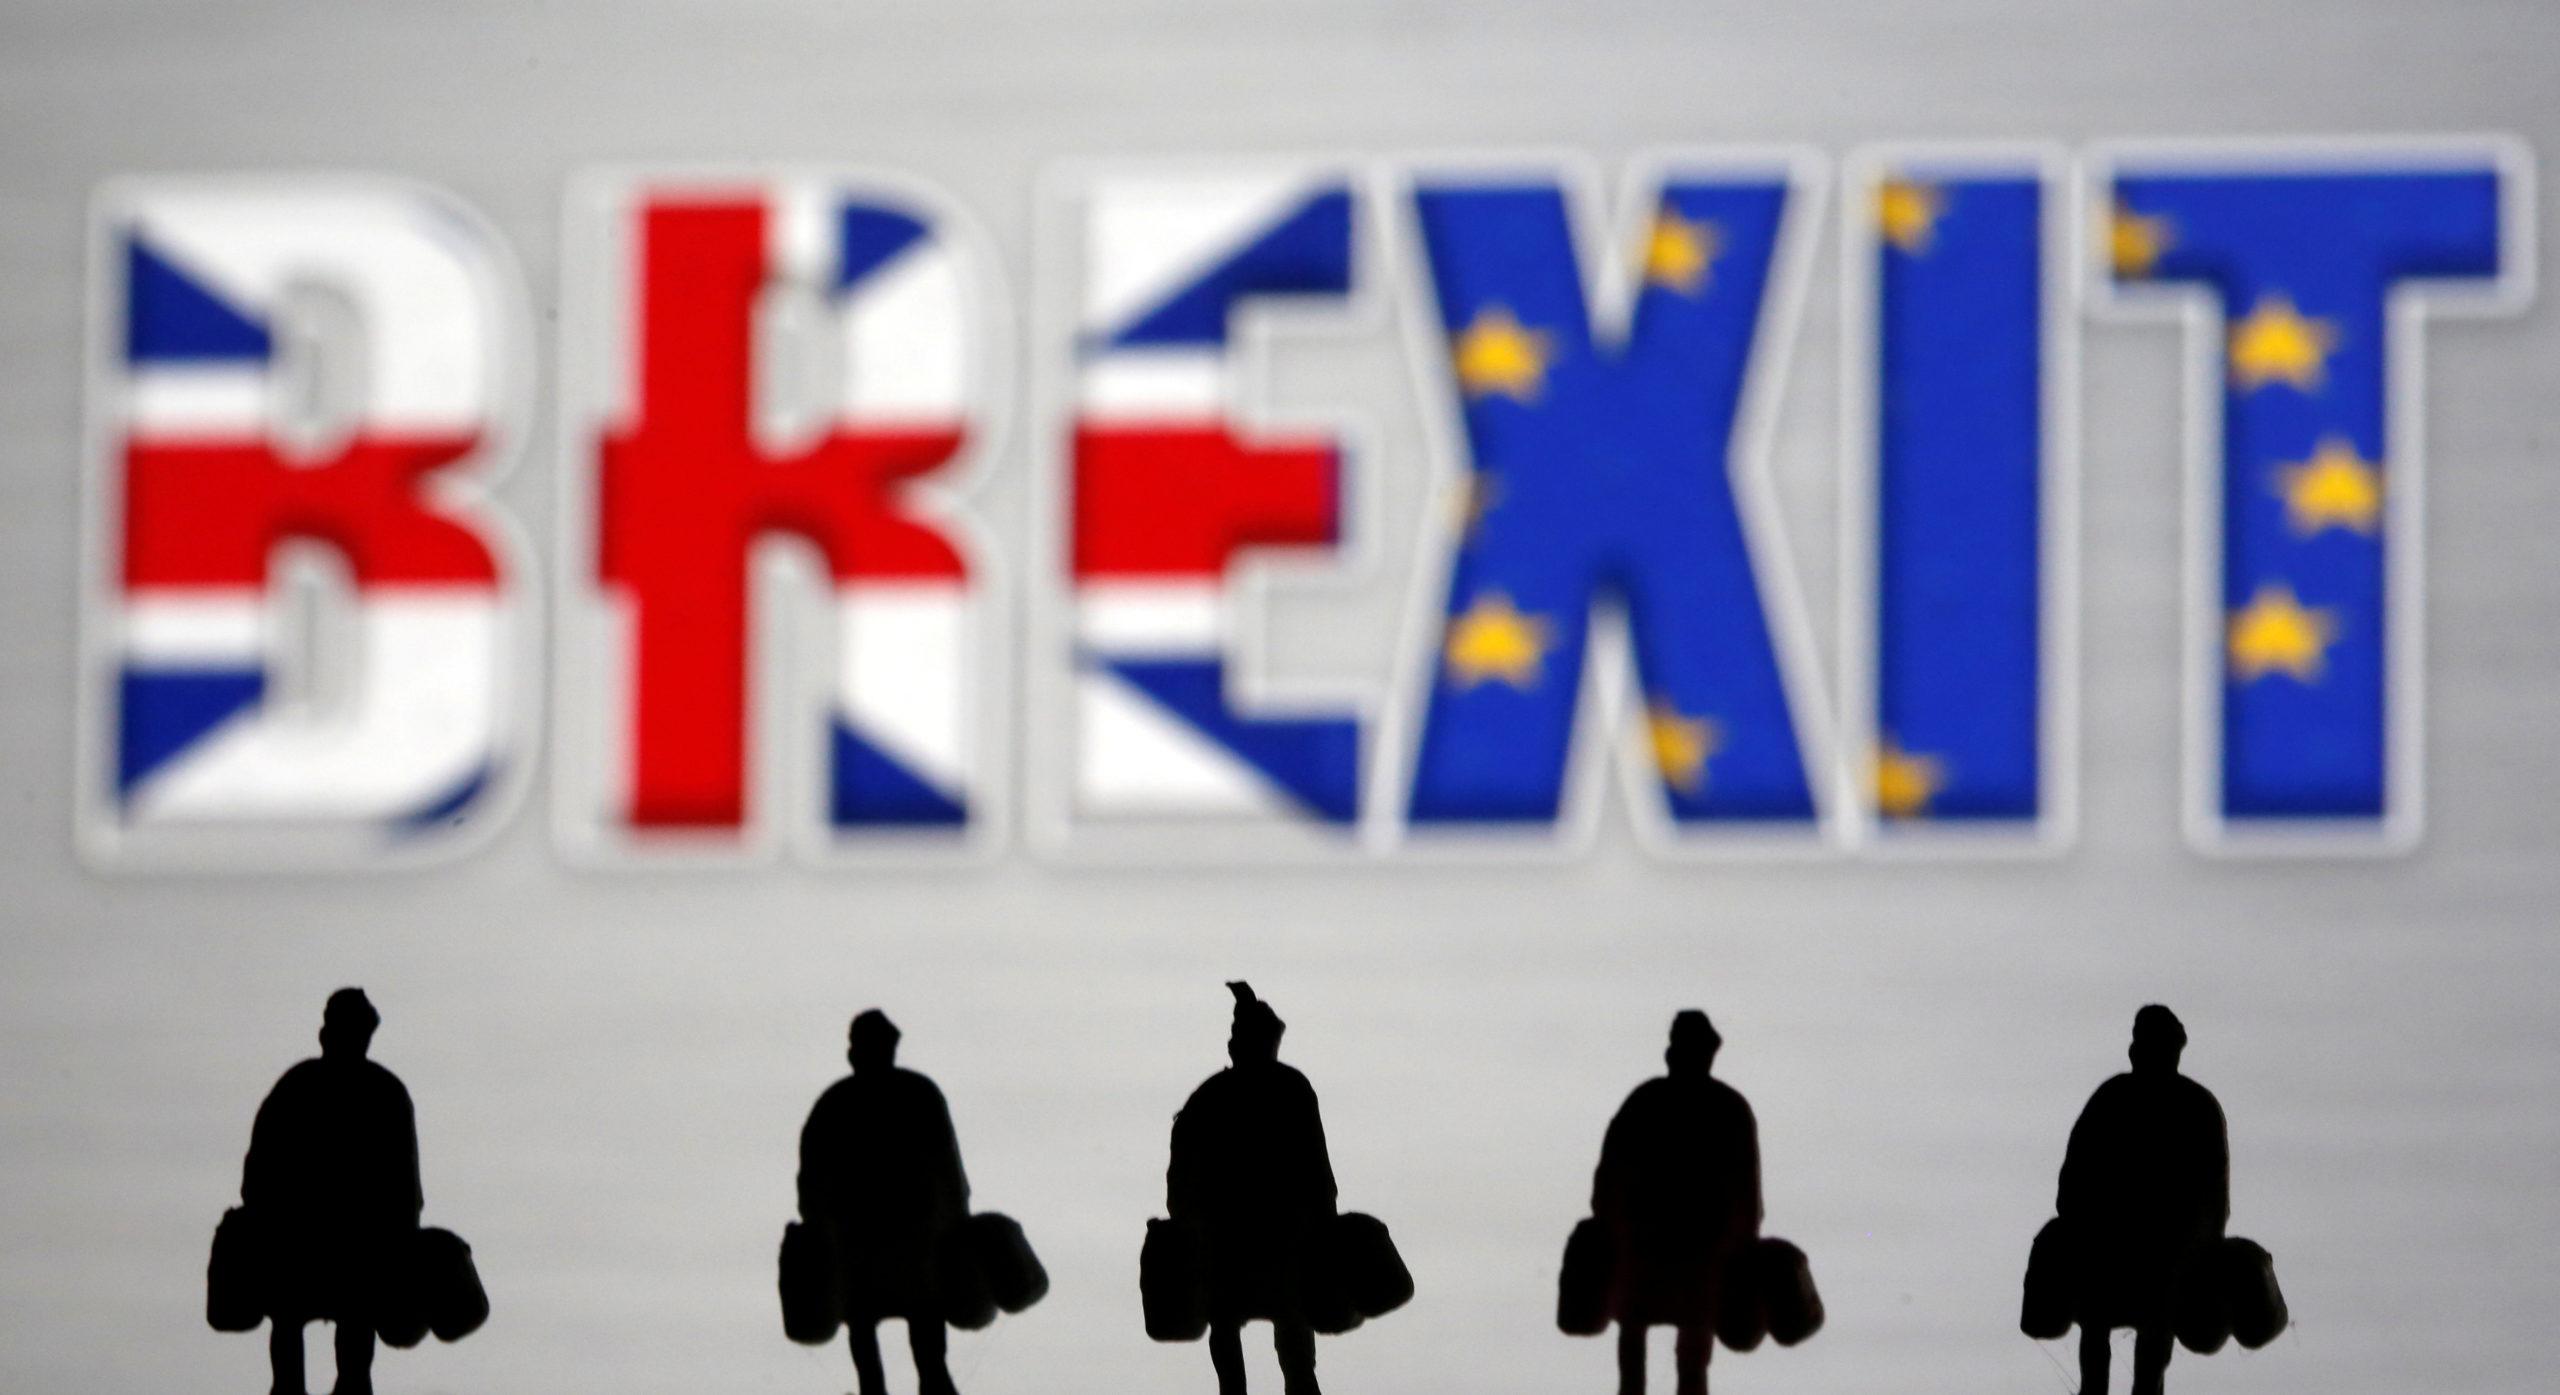 Brexit: Le Royaume-Uni déterminé à appliquer l'accord de retrait